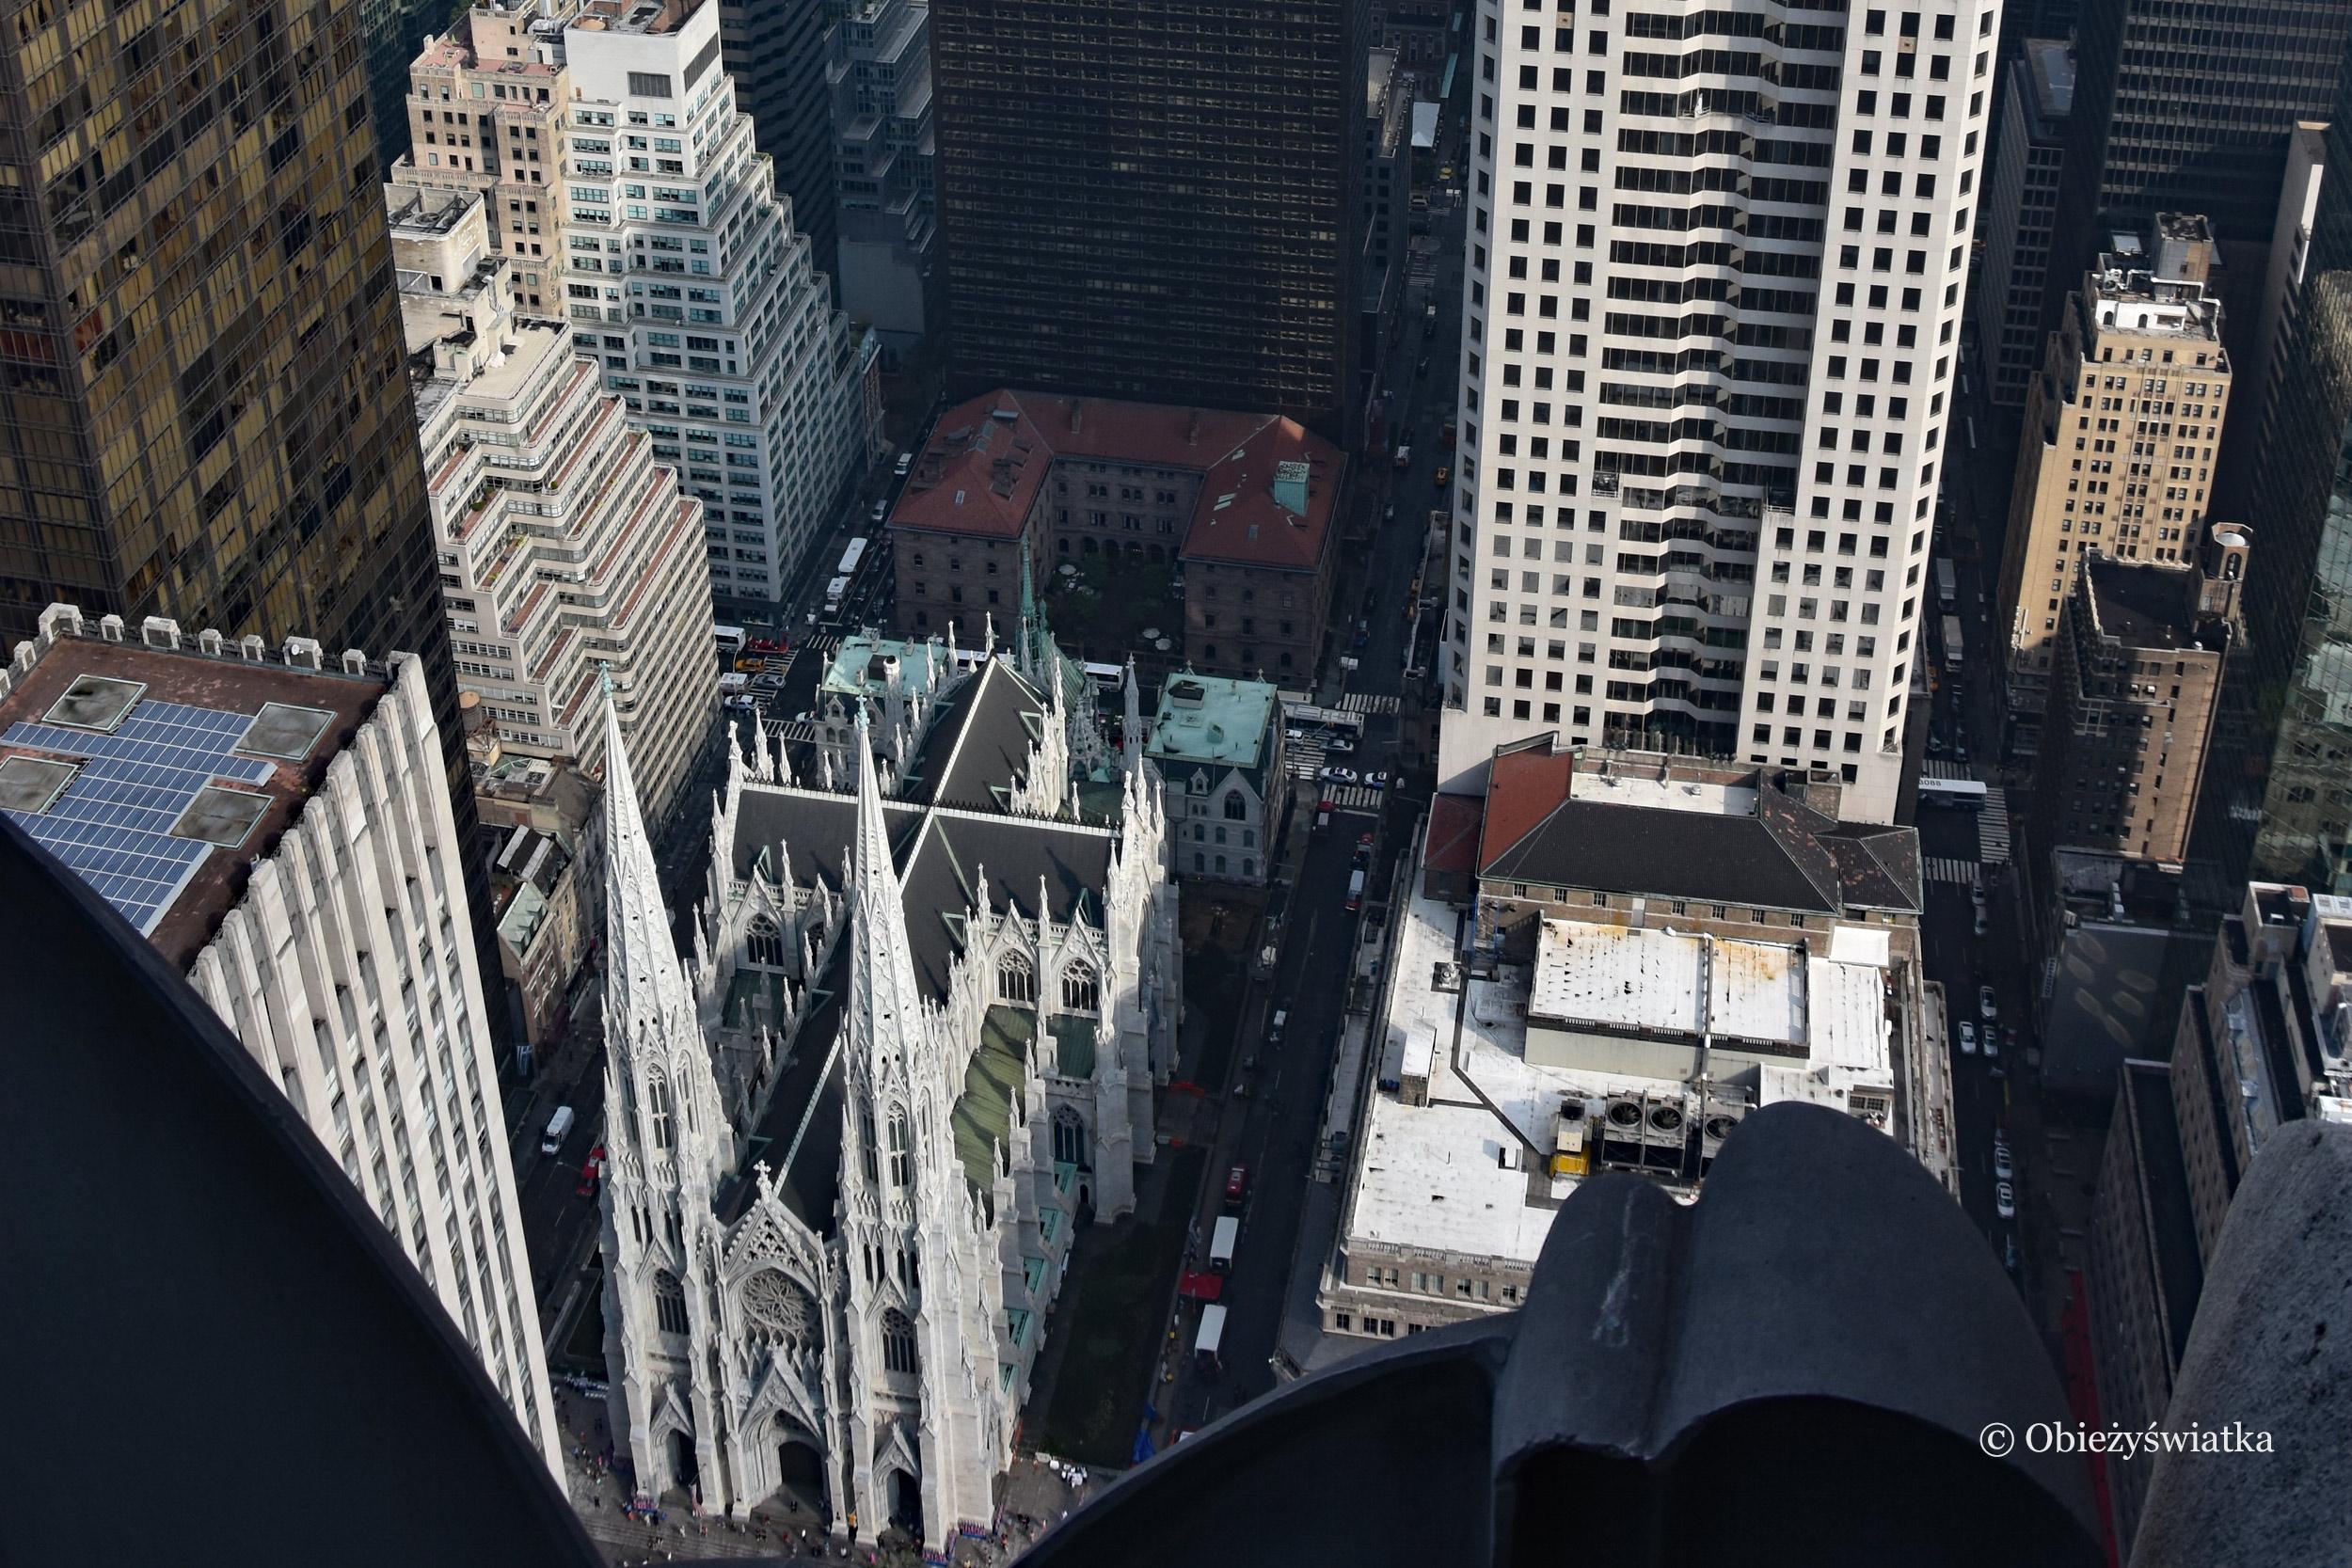 Katedra św. Patryka na Manhattanie